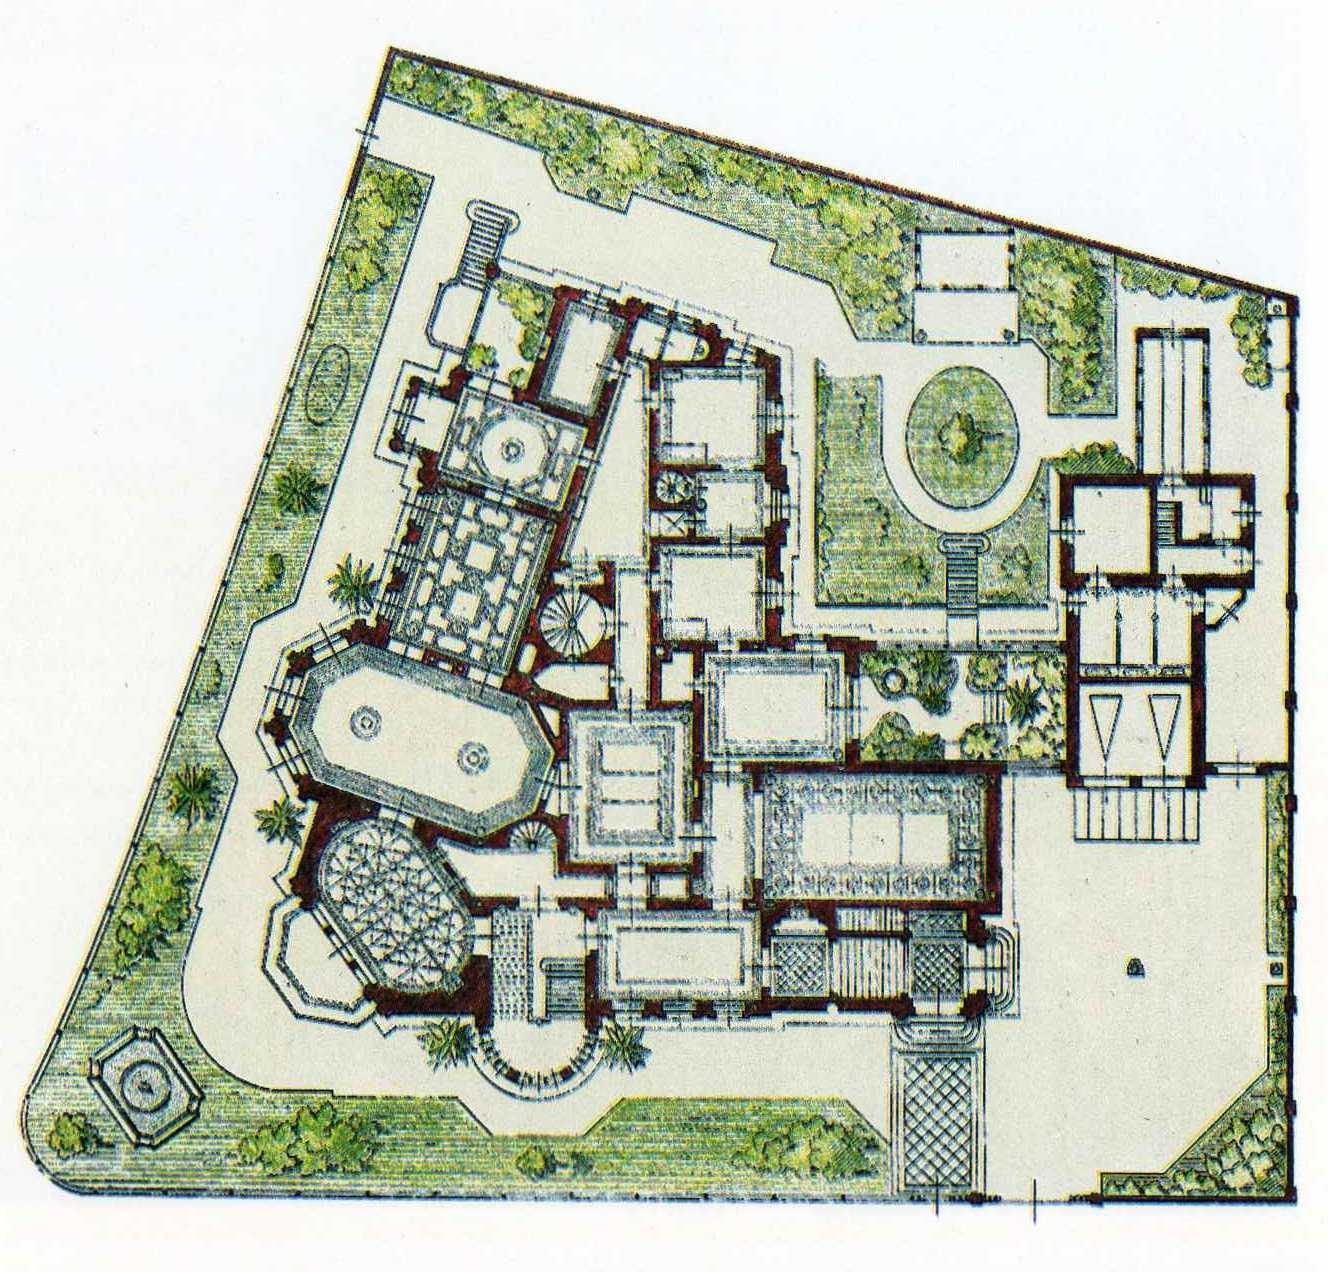 datei dresden villa beuststra e 1 grundriss helas 1999 s 111 gesamtanlage gezeichnet von. Black Bedroom Furniture Sets. Home Design Ideas